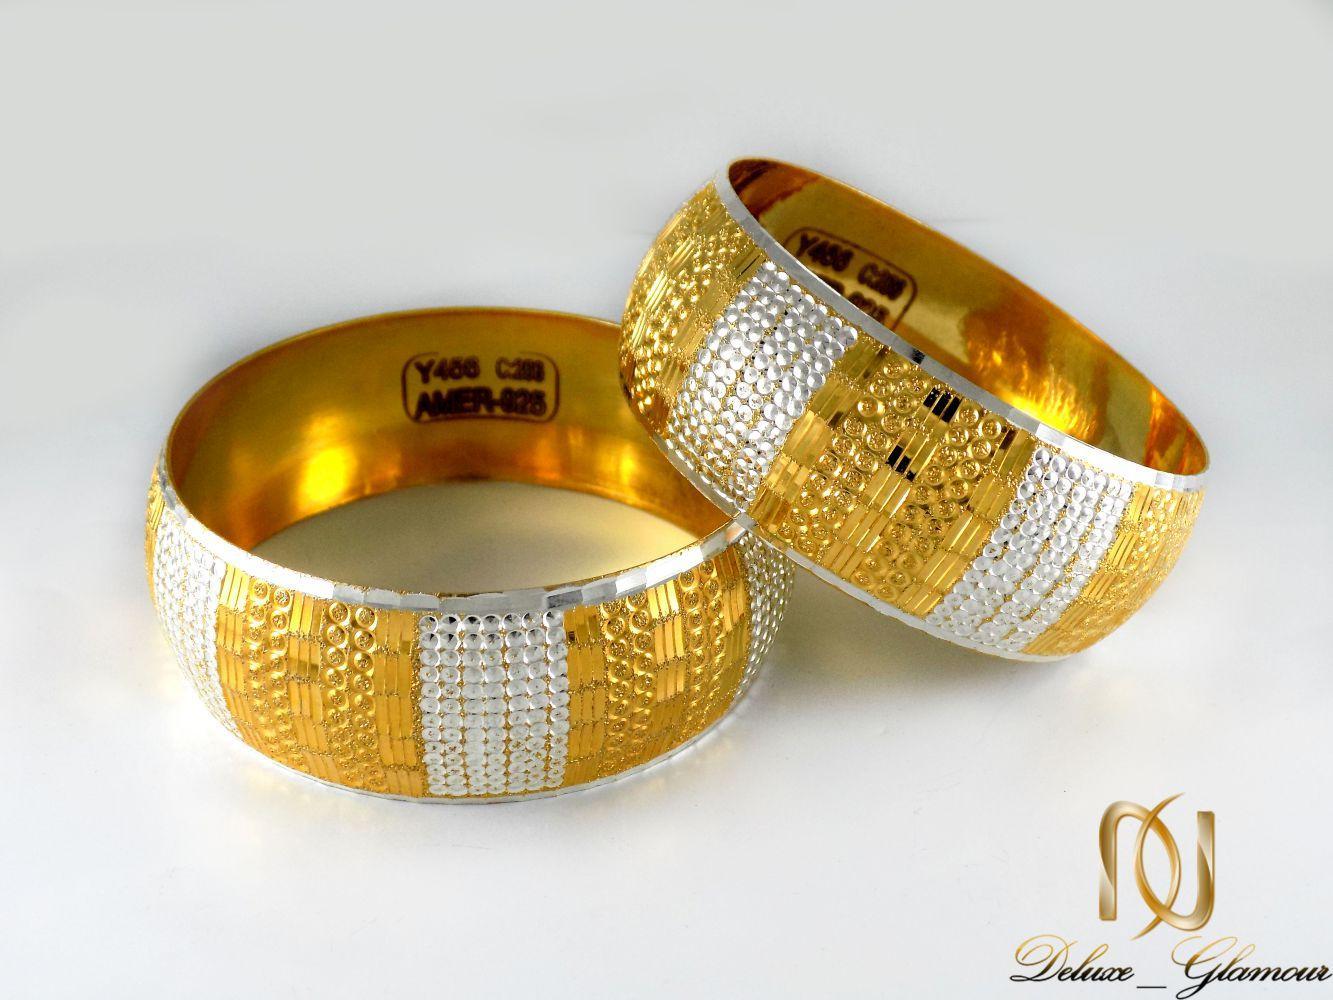 دستبند النگویی نقره زنانه دو رنگ با روکش آب طلا al-n105